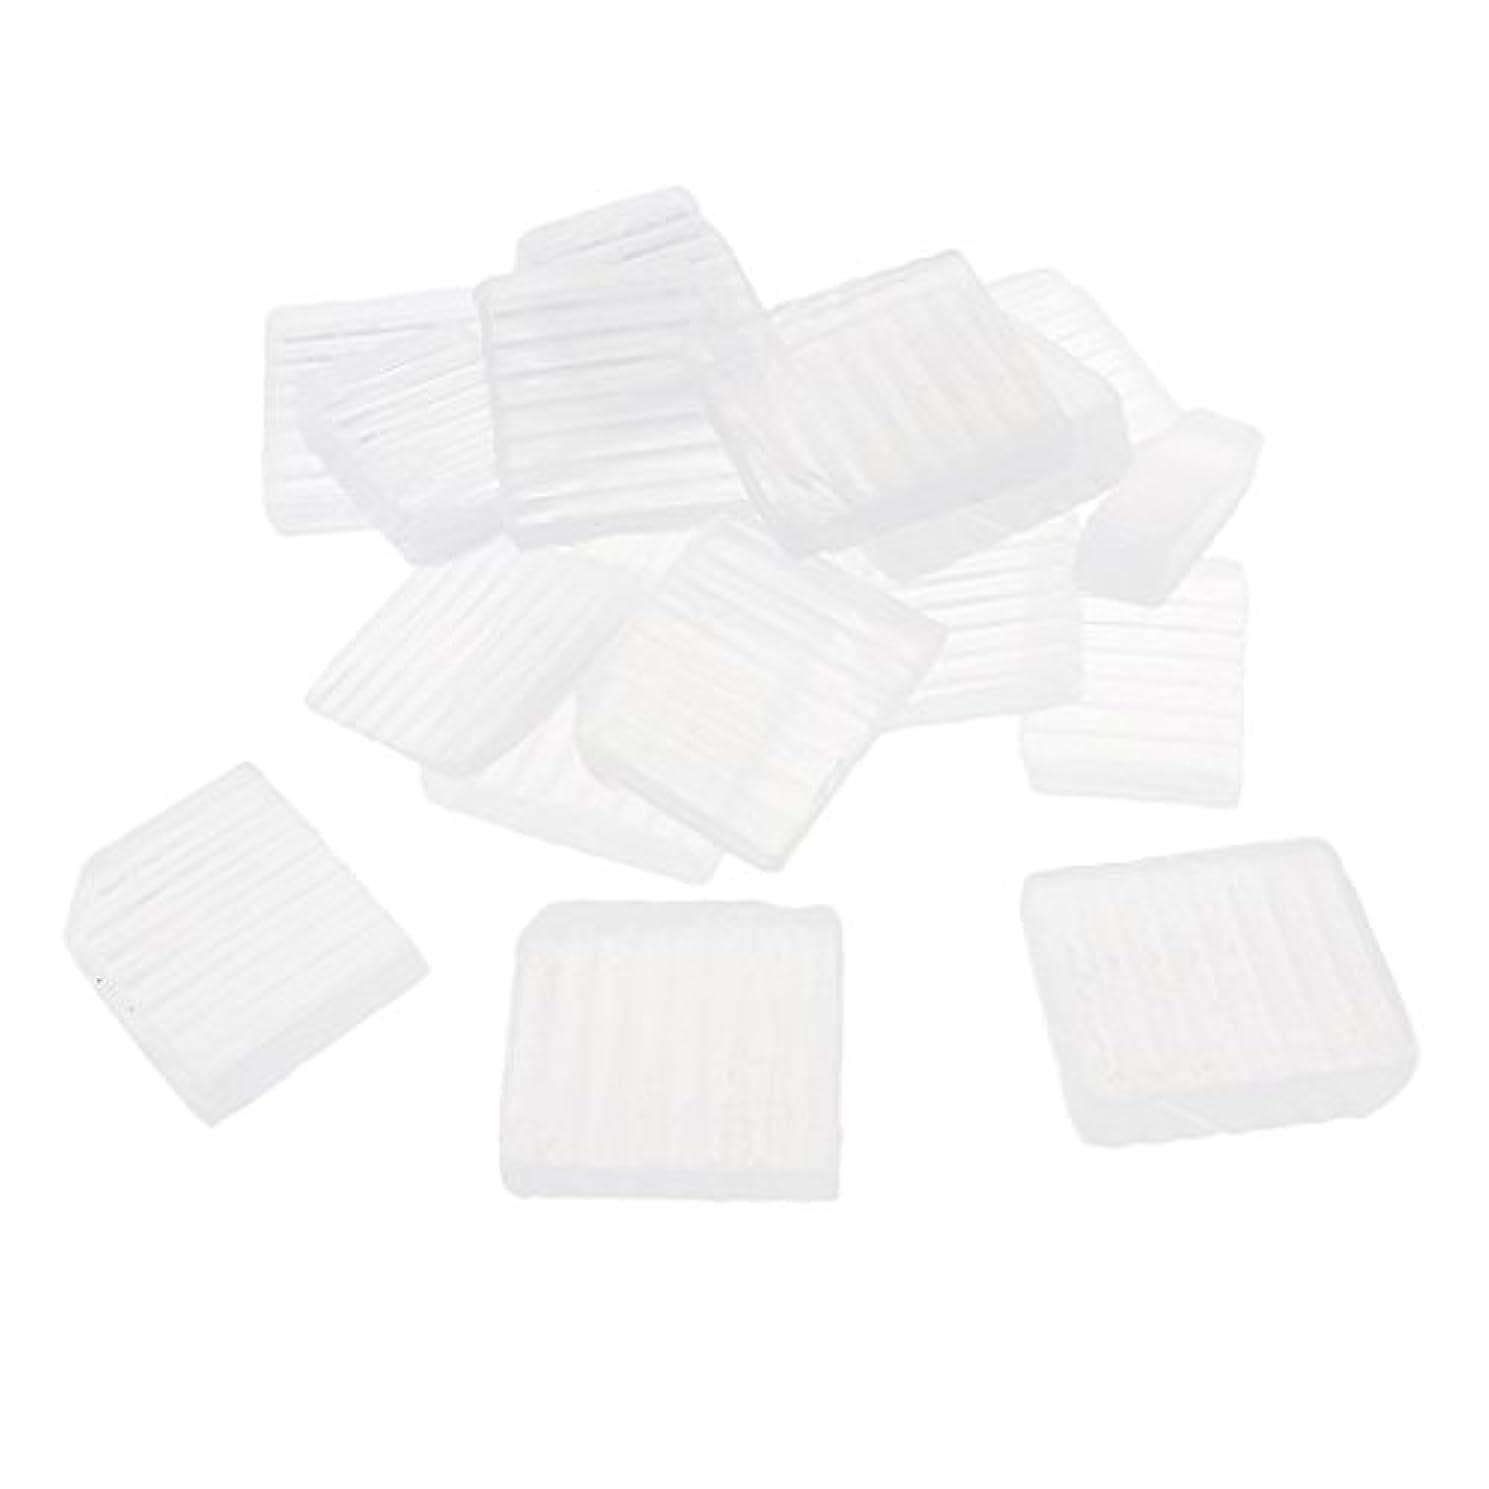 解任つかむタオルP Prettyia 透明 石鹸ベース DIY 手作り 石鹸 材料 約1 KG DIYギフト